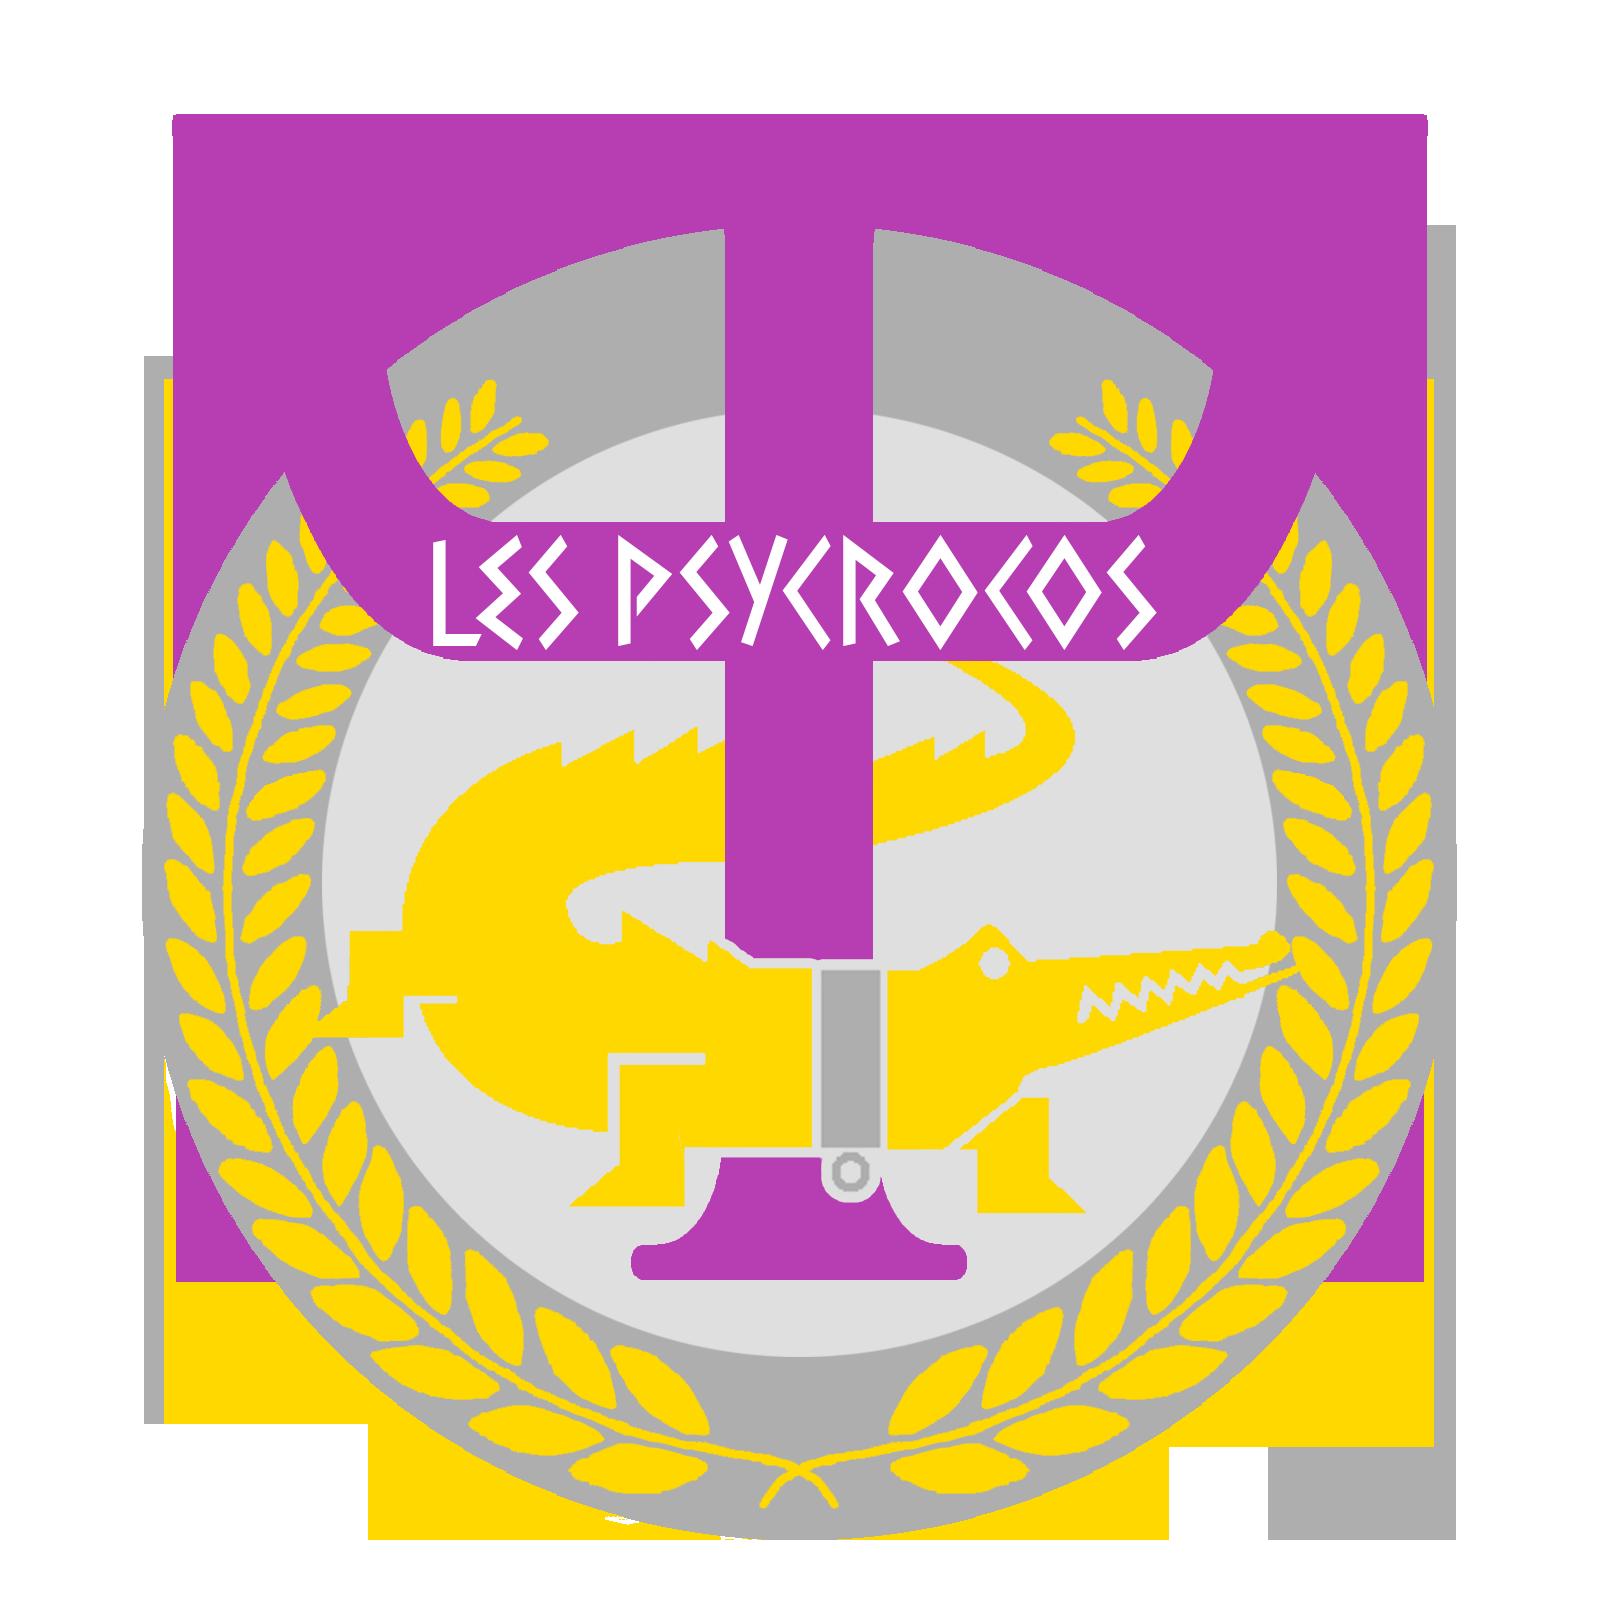 Les Psycrocos